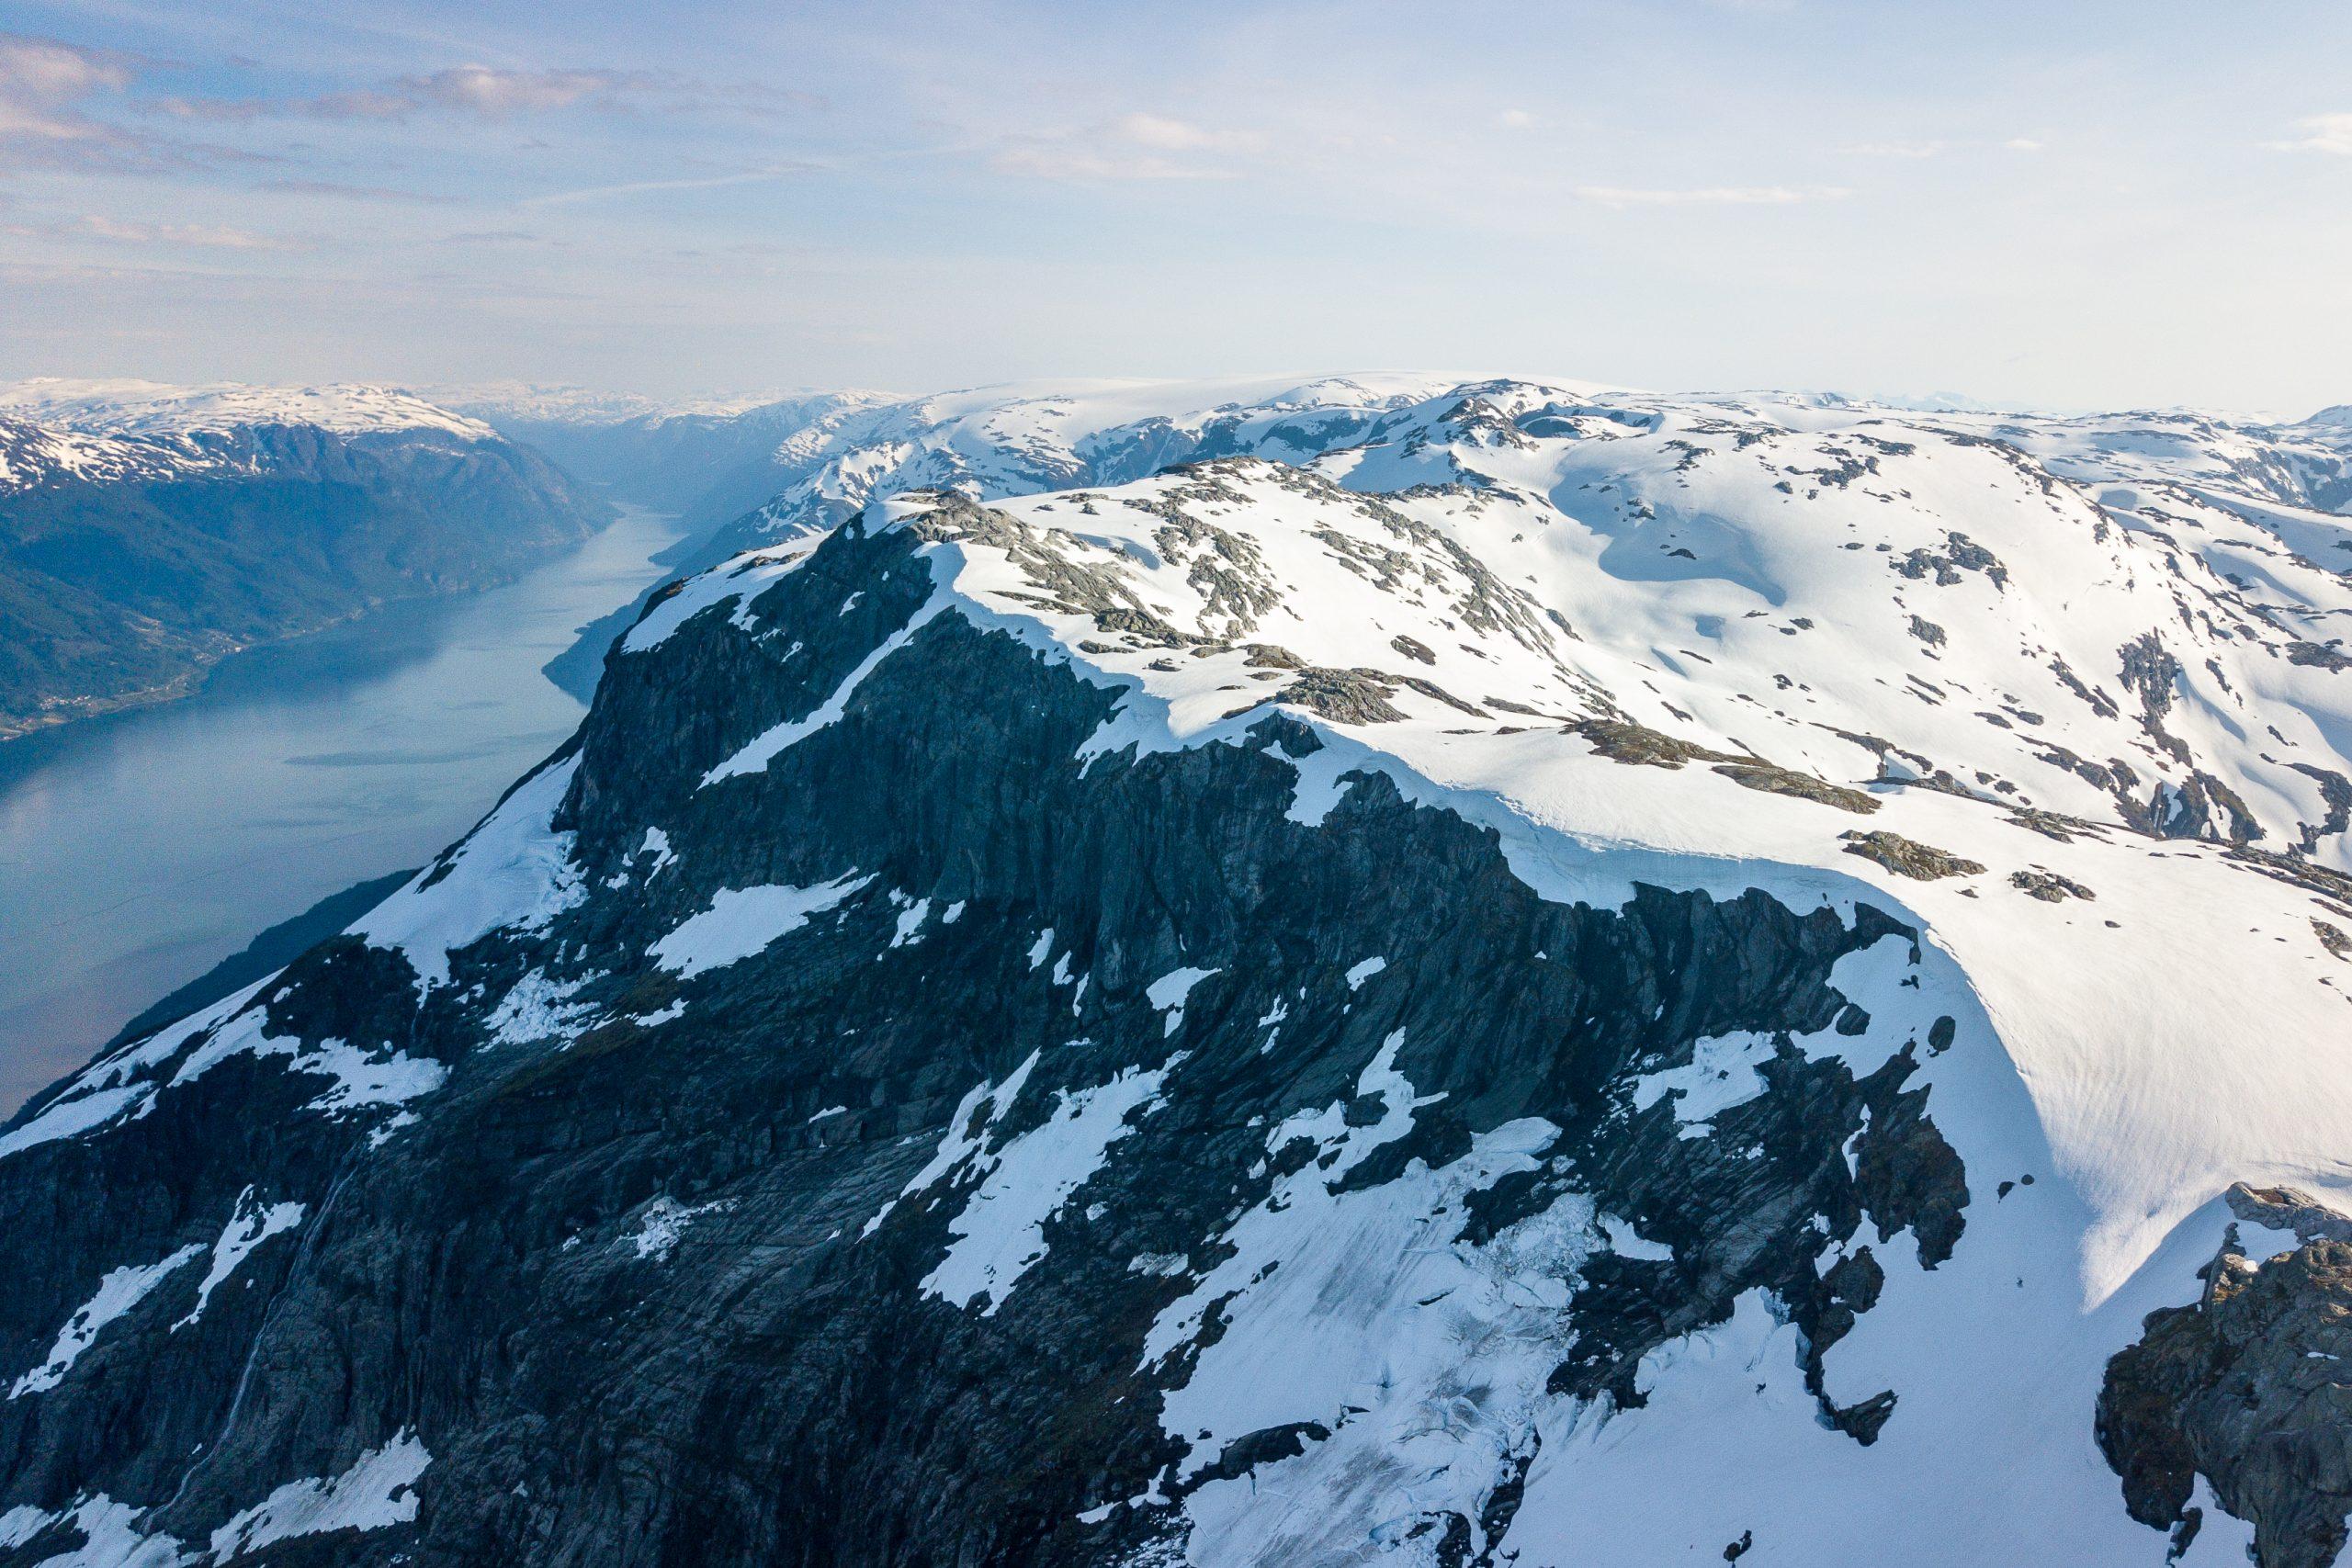 Vardaskarvane høyt over Sørfjorden. Utsikt mot Folgefonna.